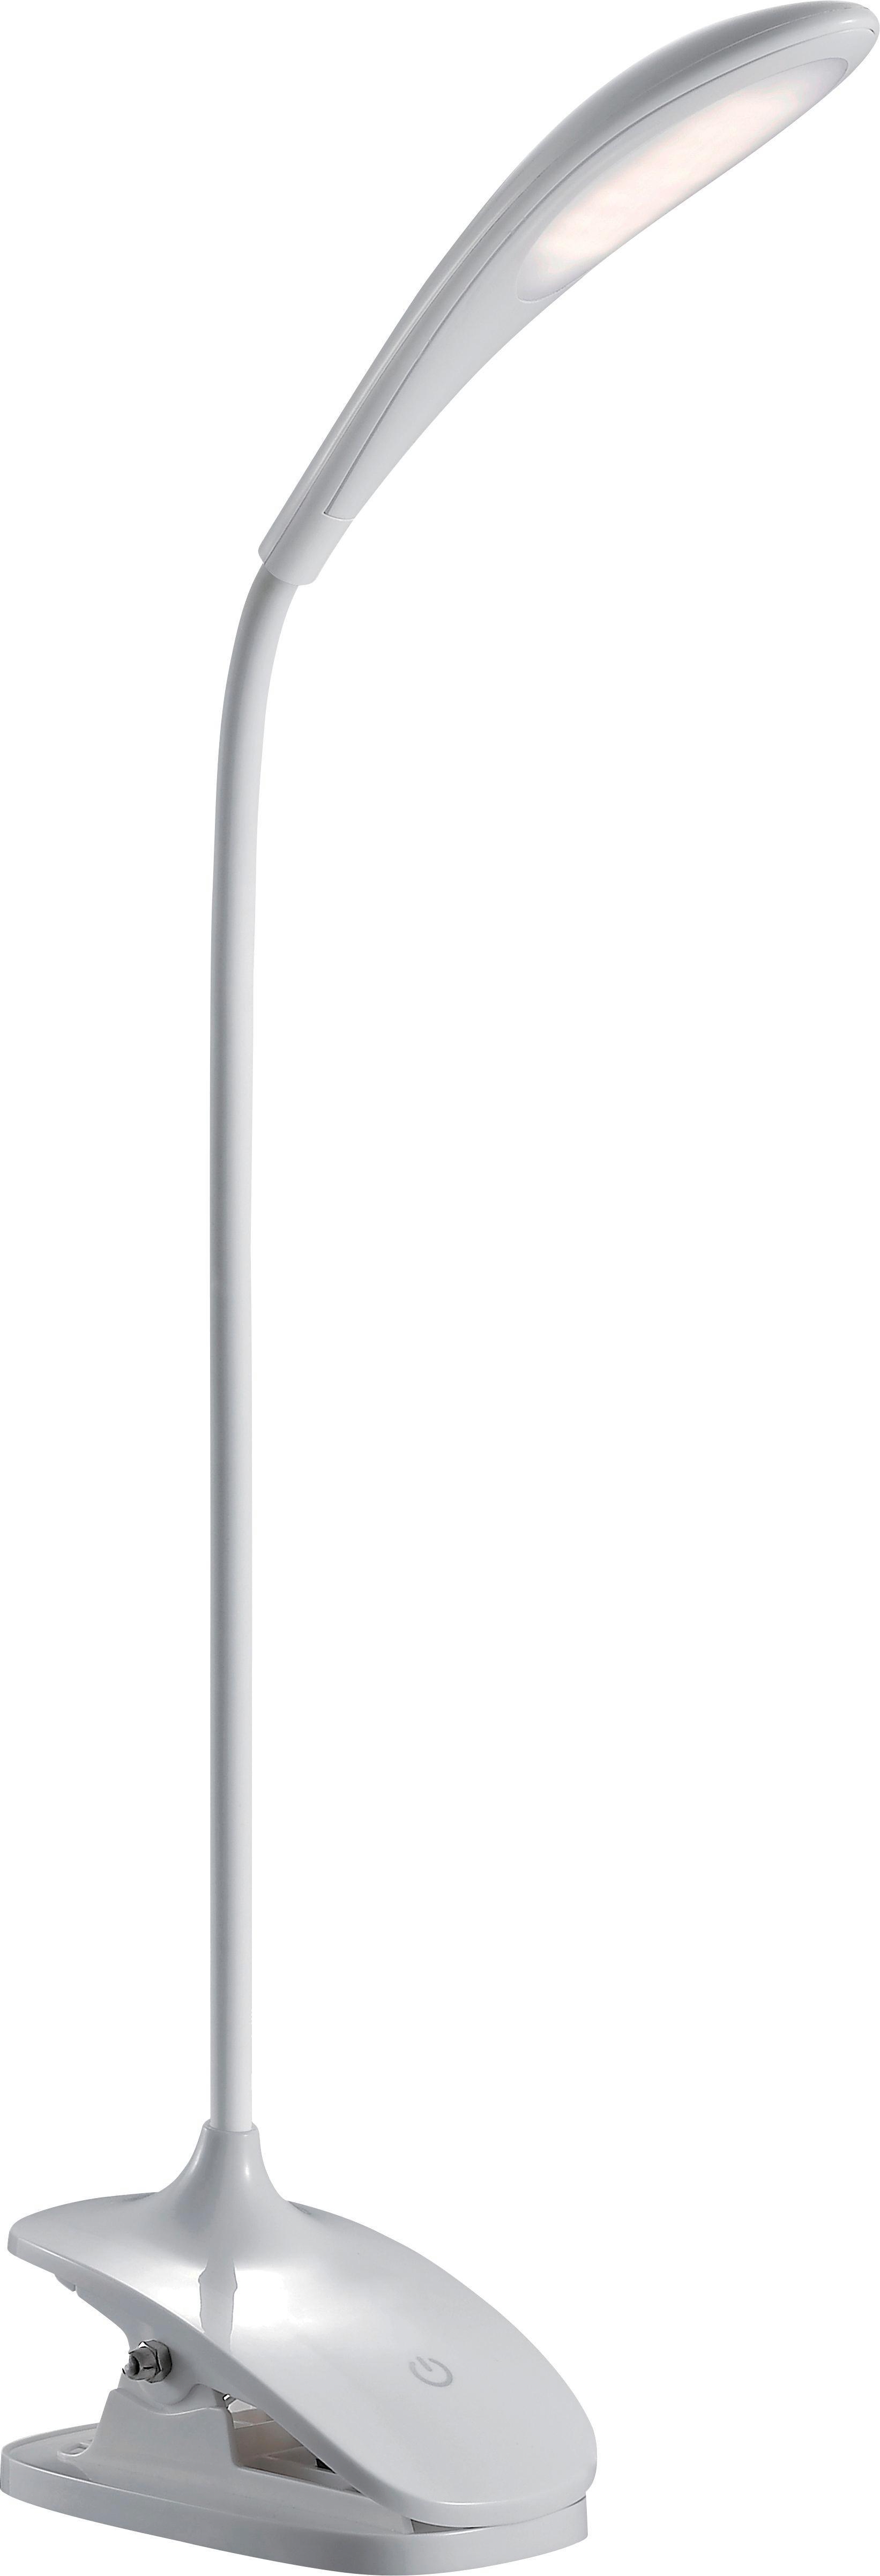 Lampa Na Psací Stůl Bello - bílá, Moderní, umělá hmota (6,5/46,8/12cm)